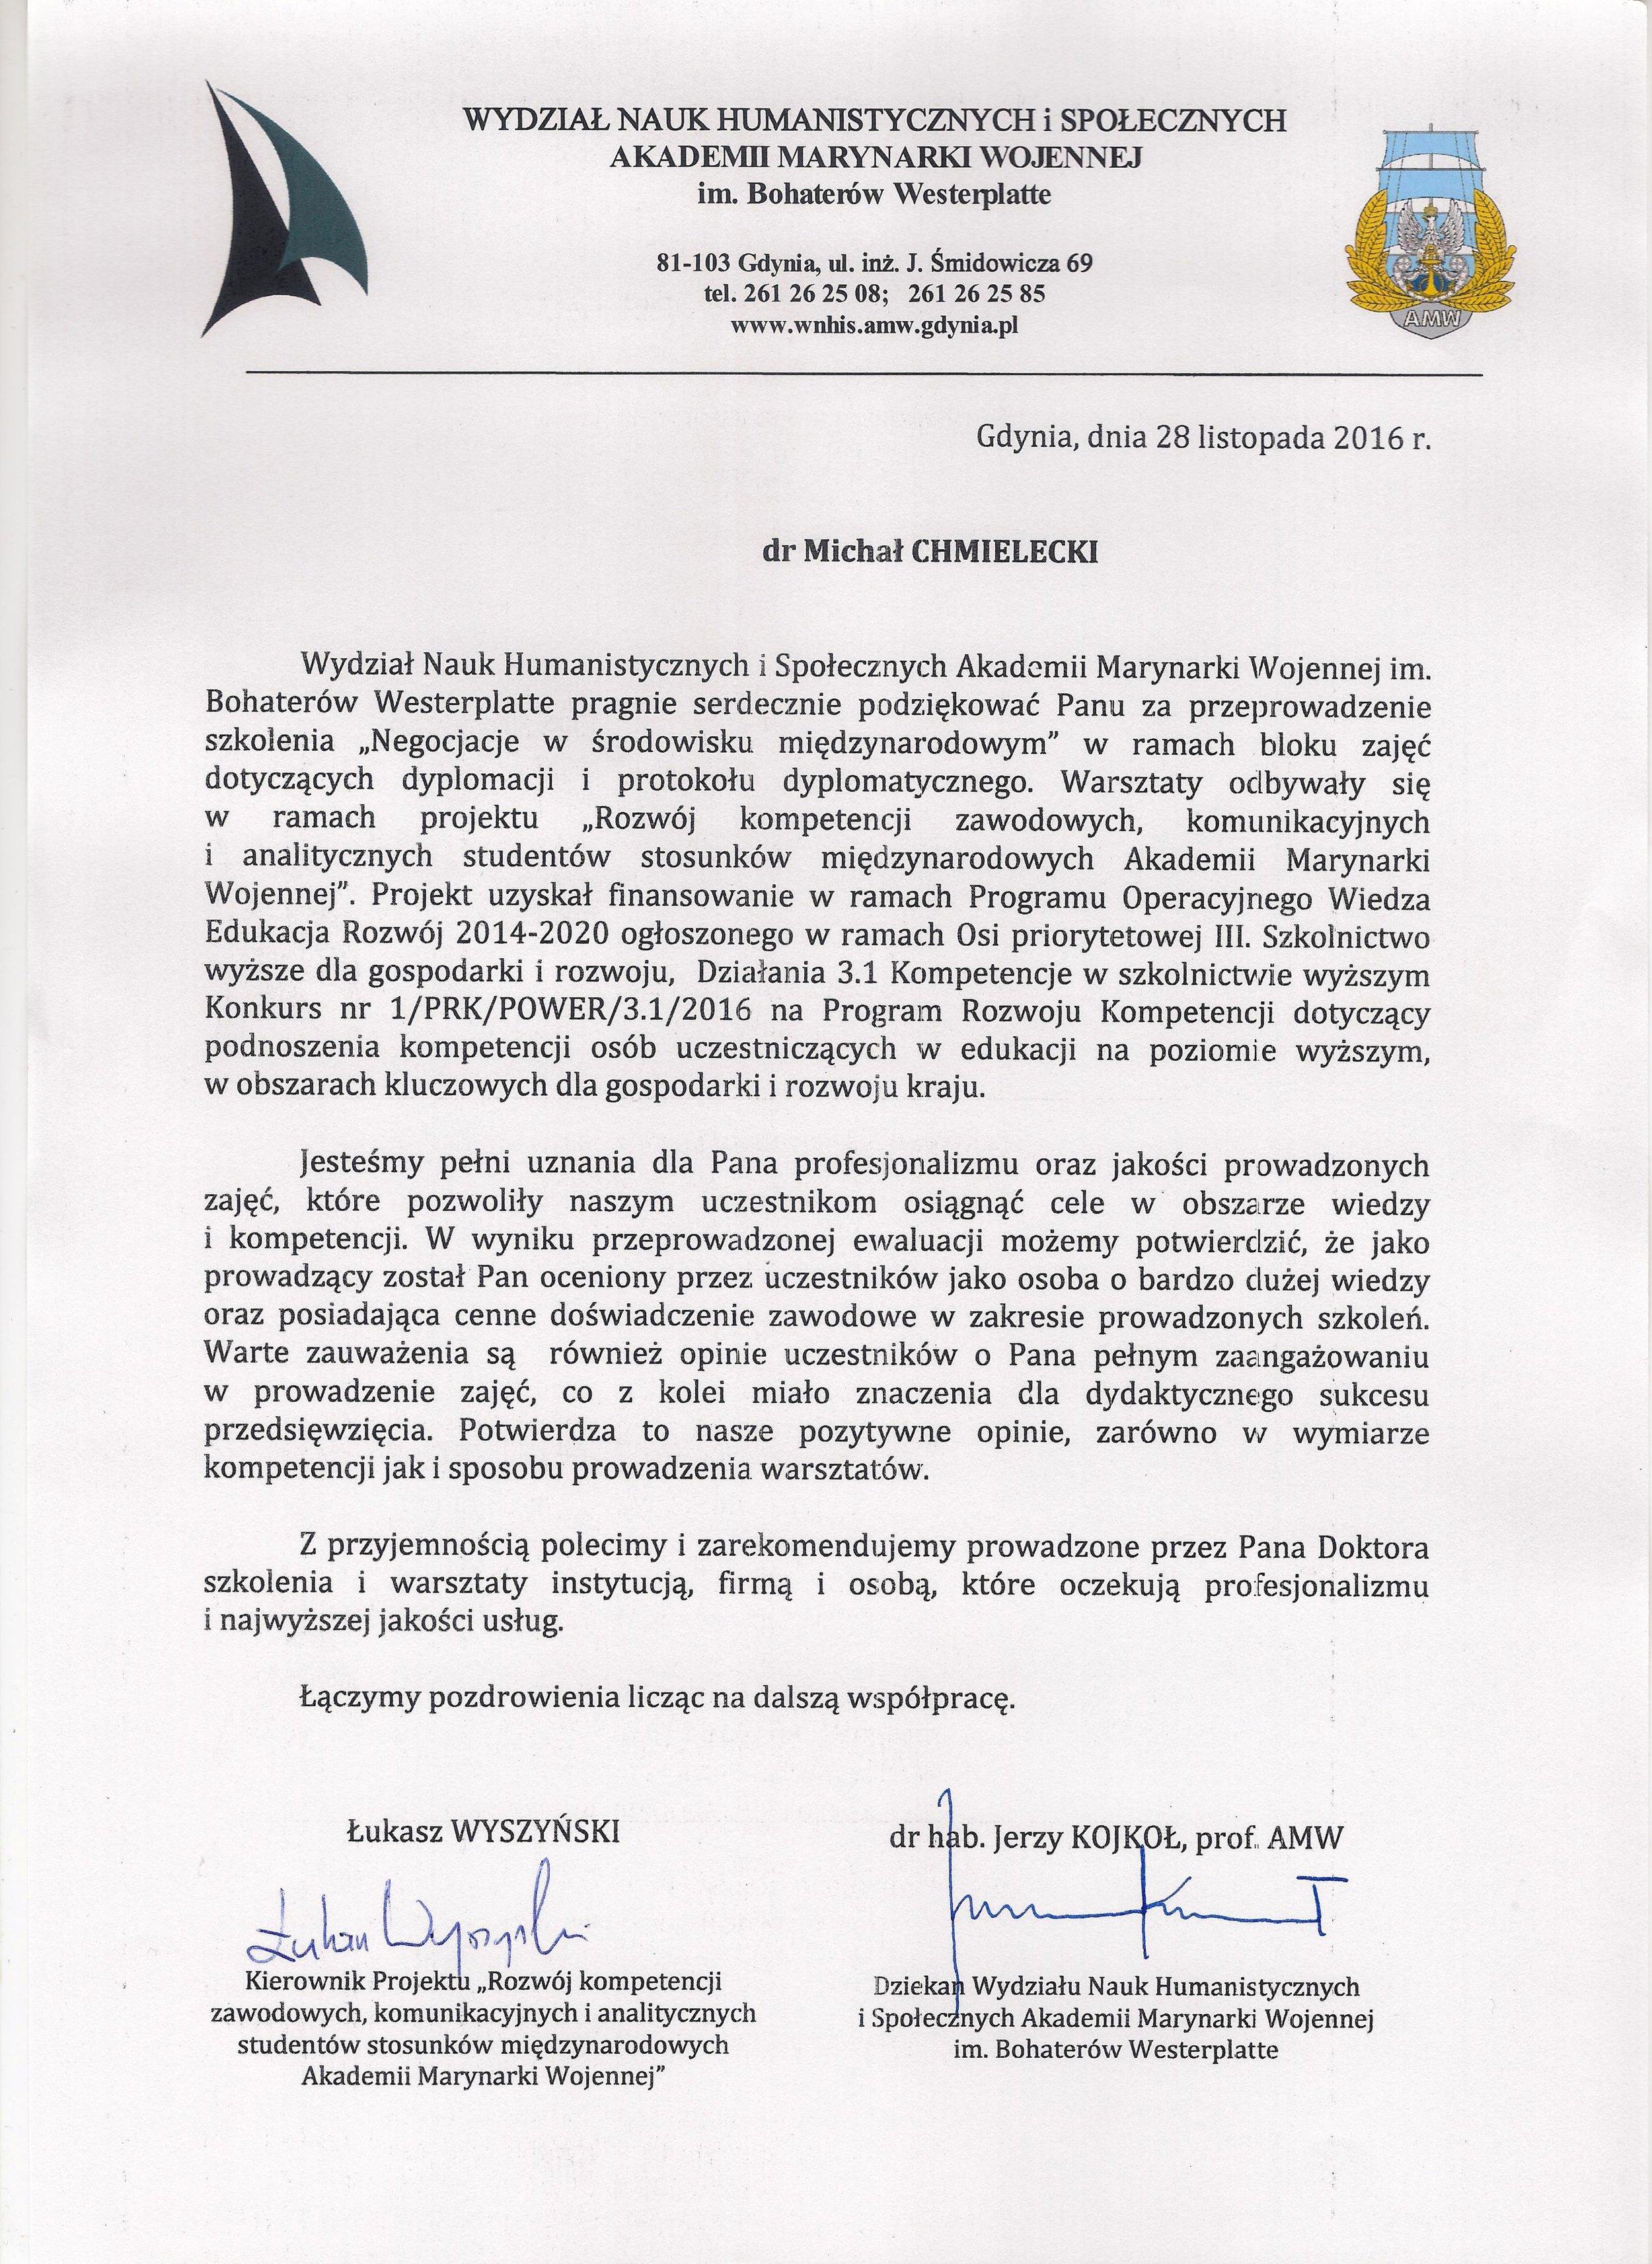 M.Chmielecki referencje Akademia Marynarki Wojennej-page-001.jpg